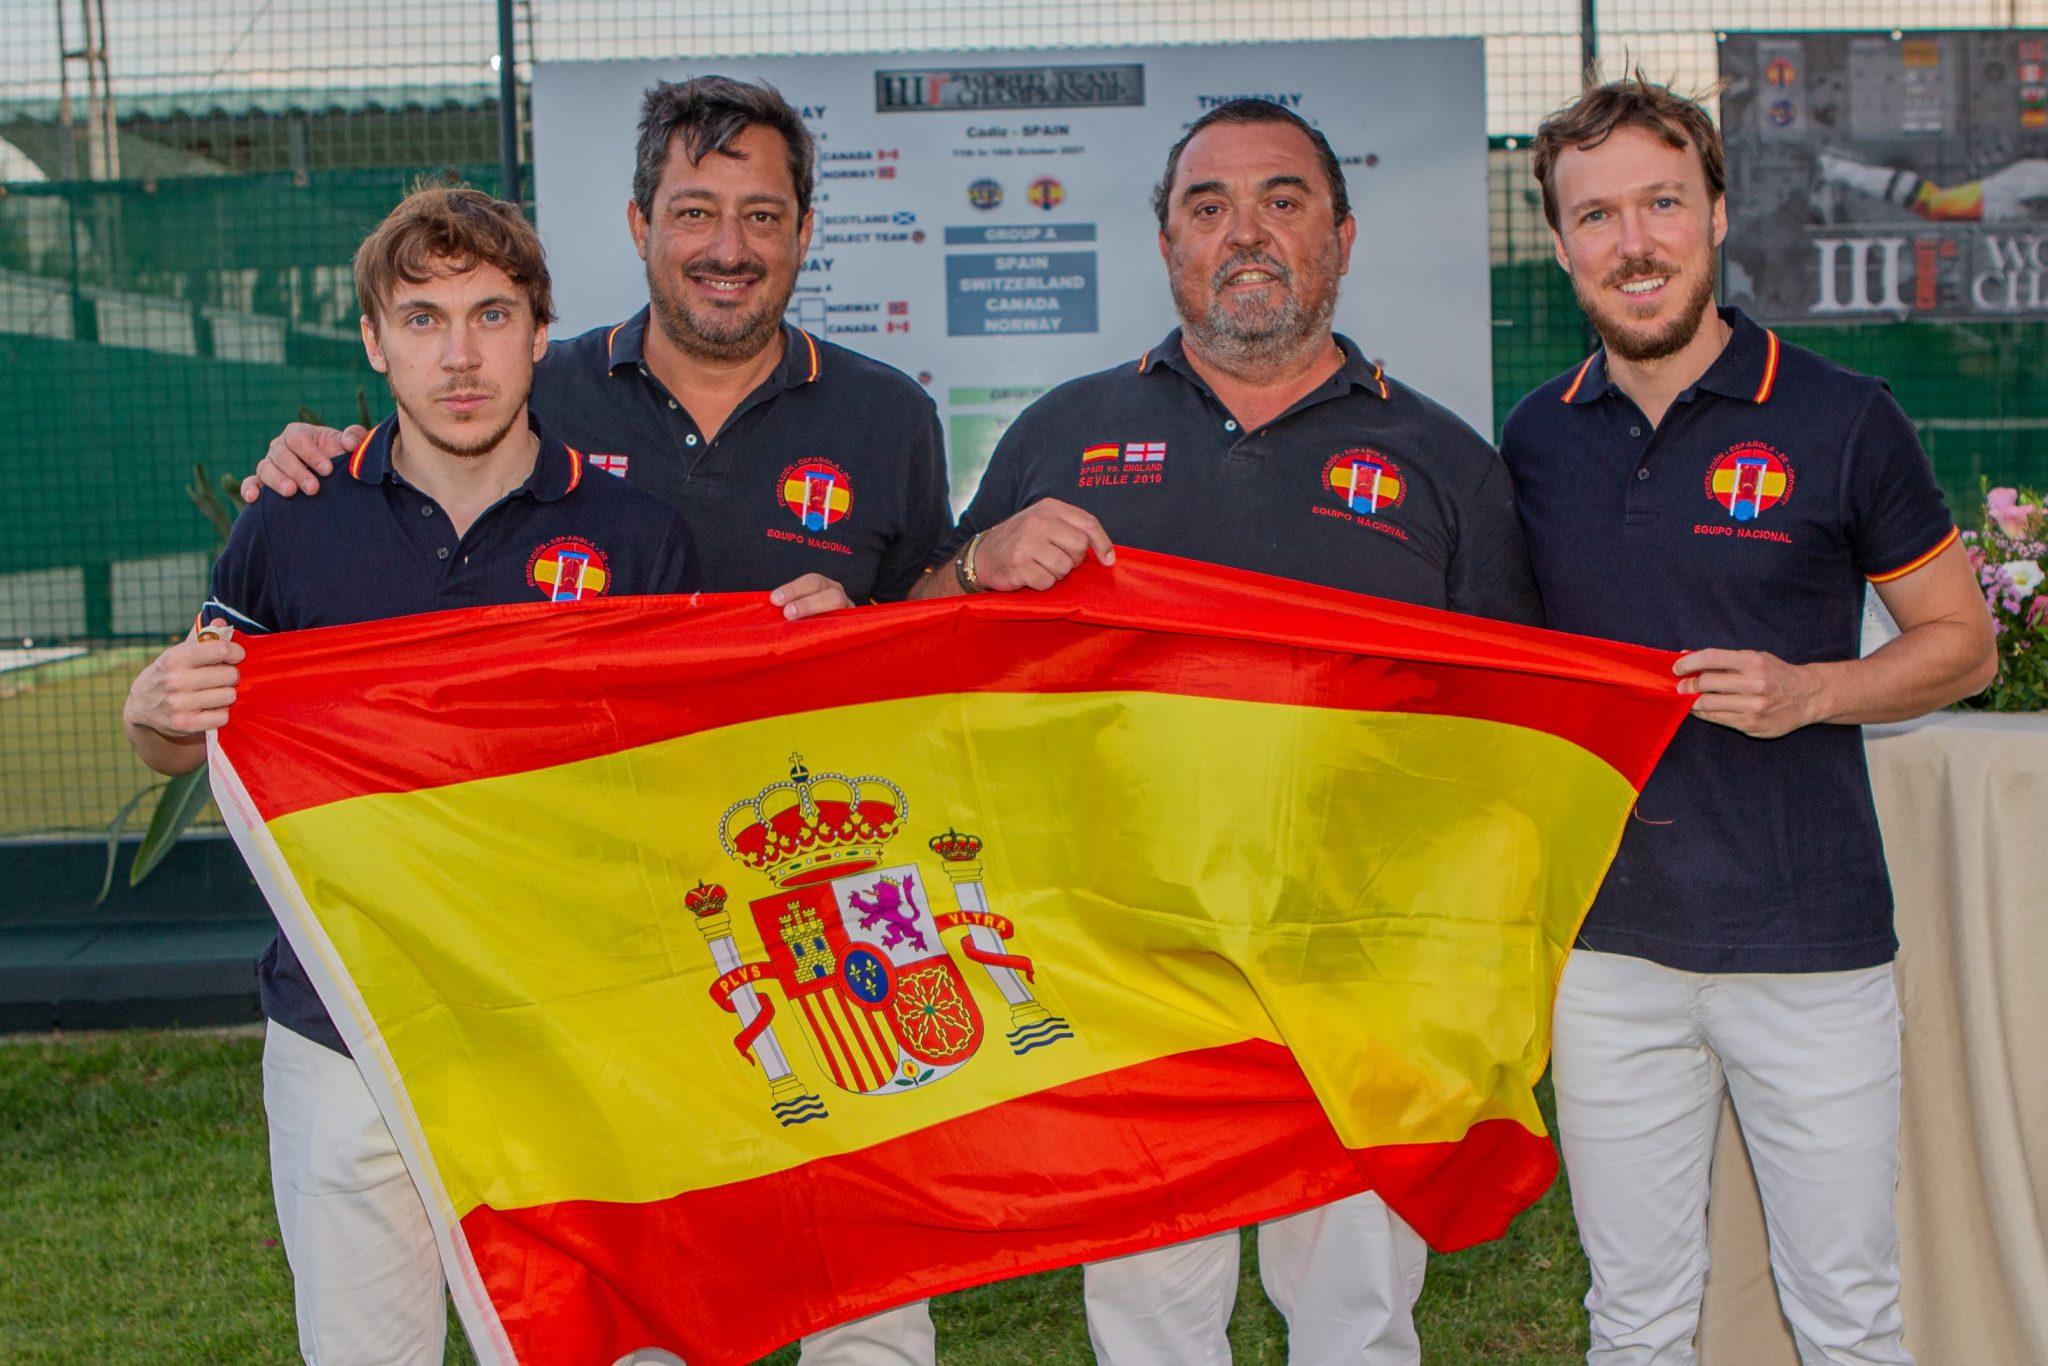 III Campeonato del Mundo de Croquet por Países - Real Novo Sancti Petri 26